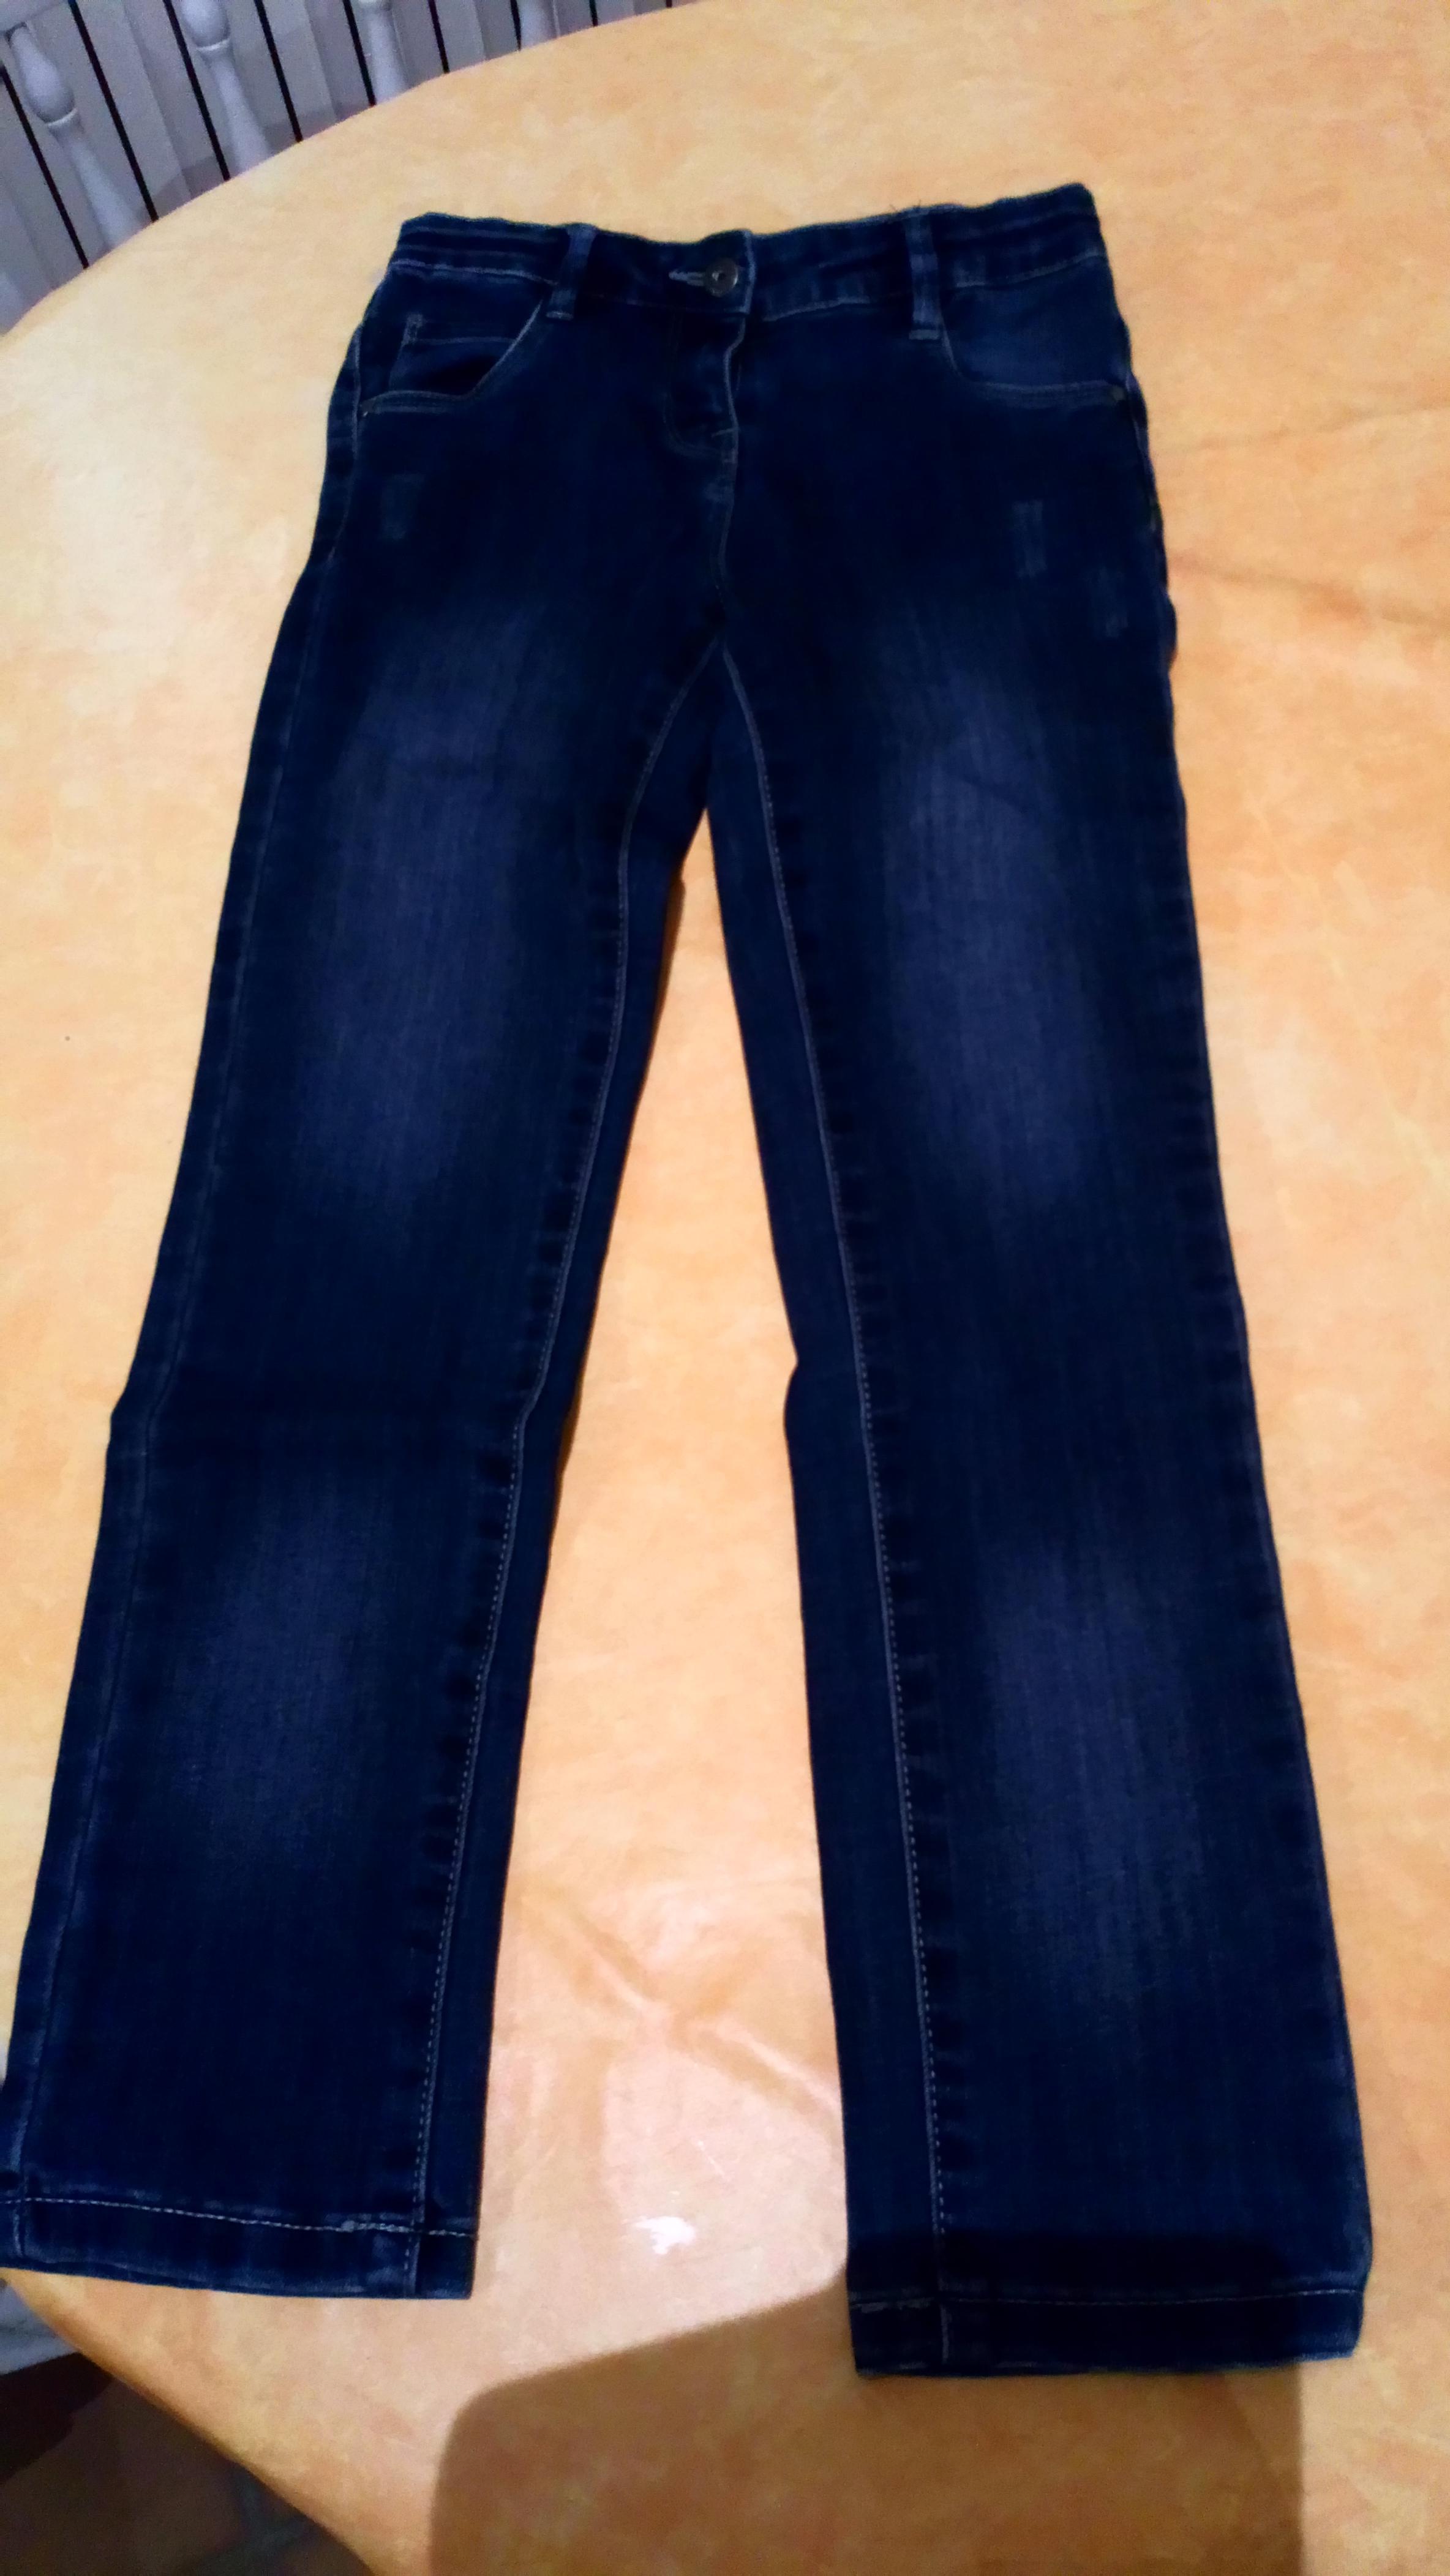 troc de troc jean bleu foncé verbaudet image 0